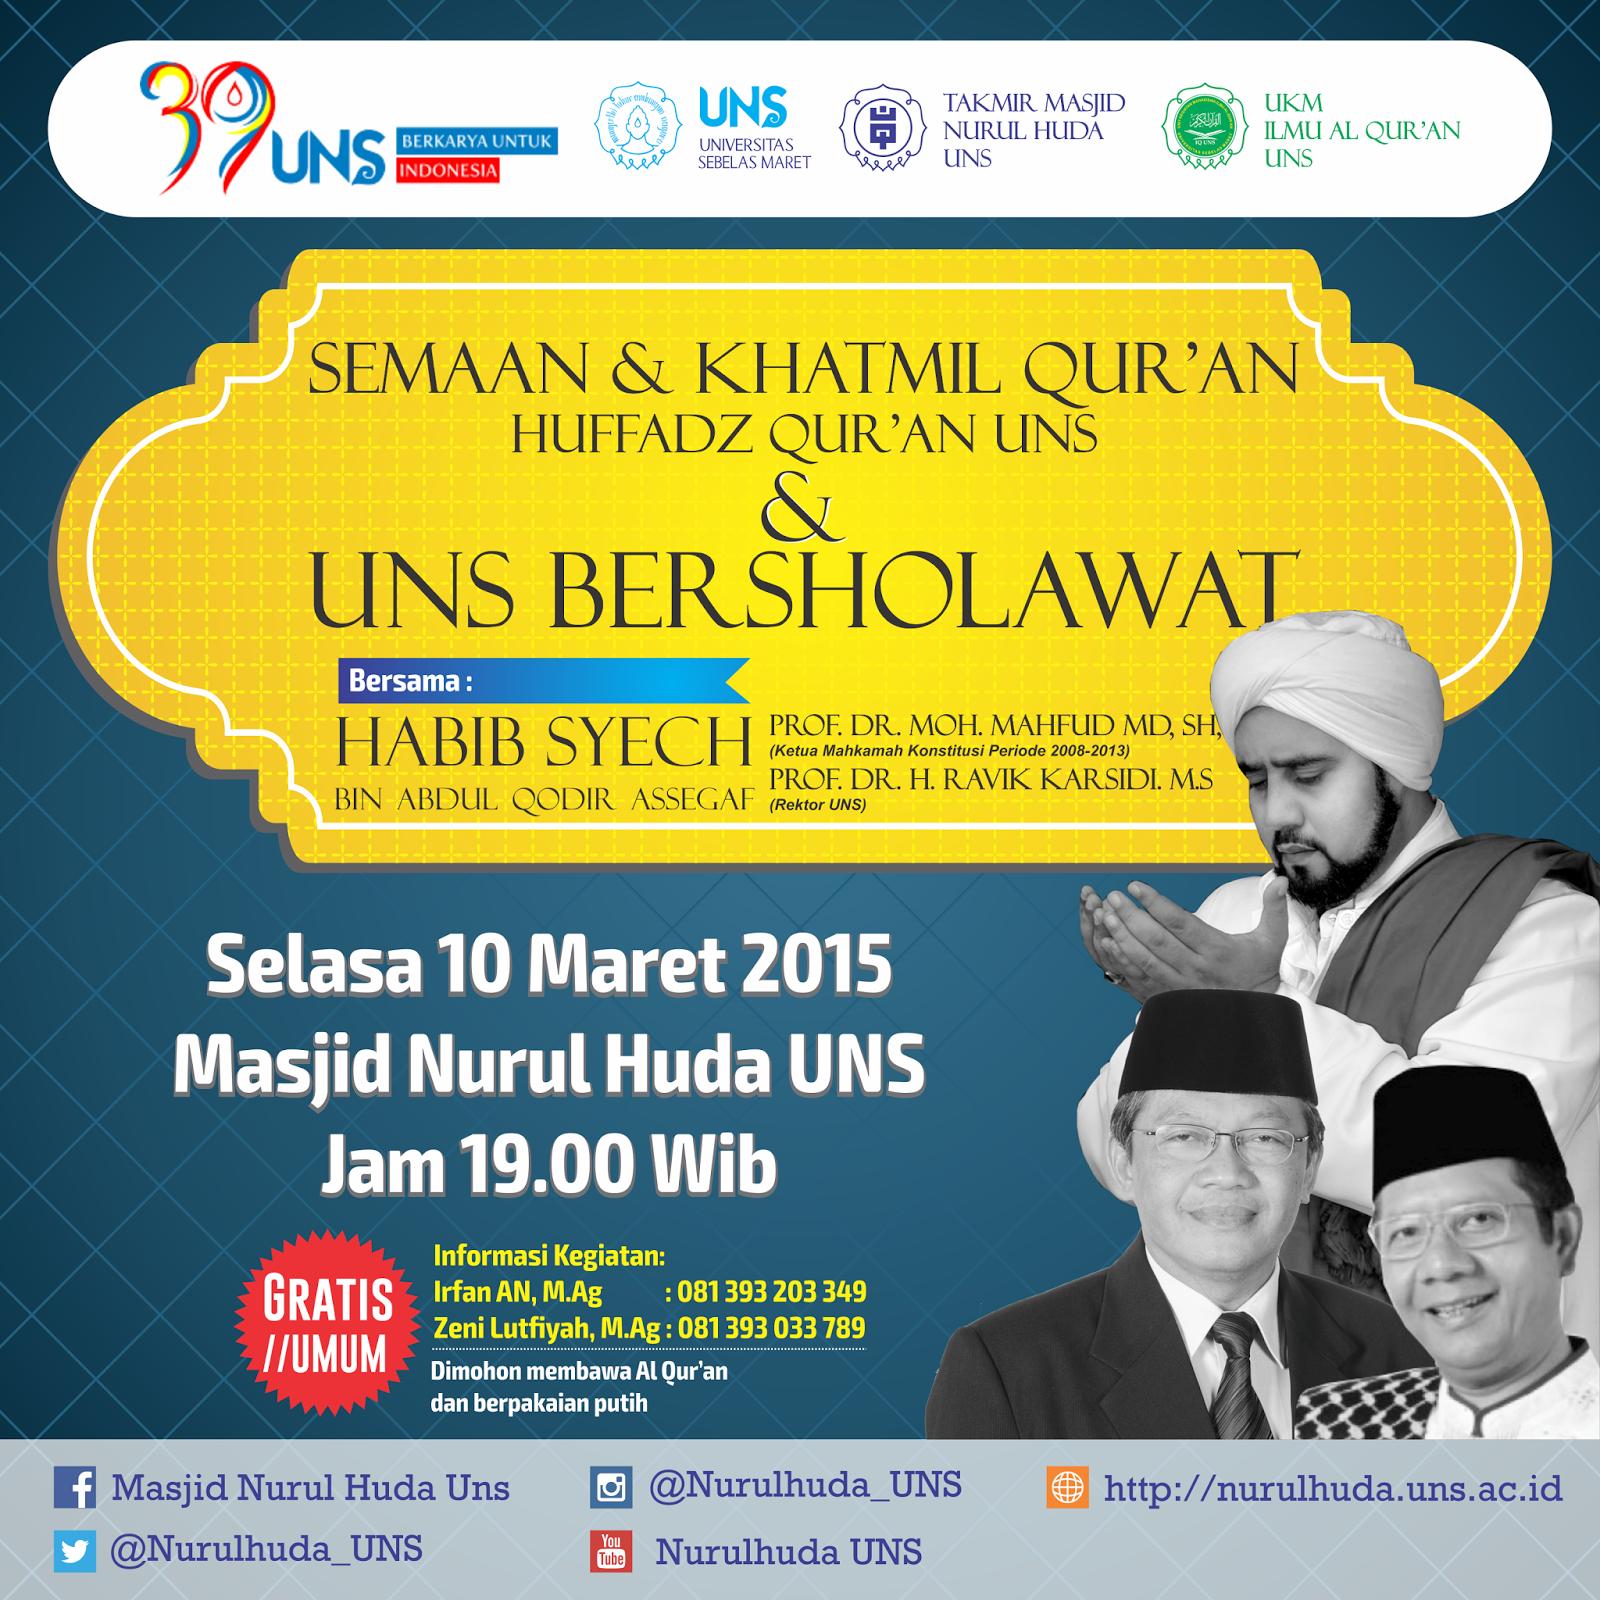 UNS Bersholawat Bersama Habib Syech - 10 Maret 2015